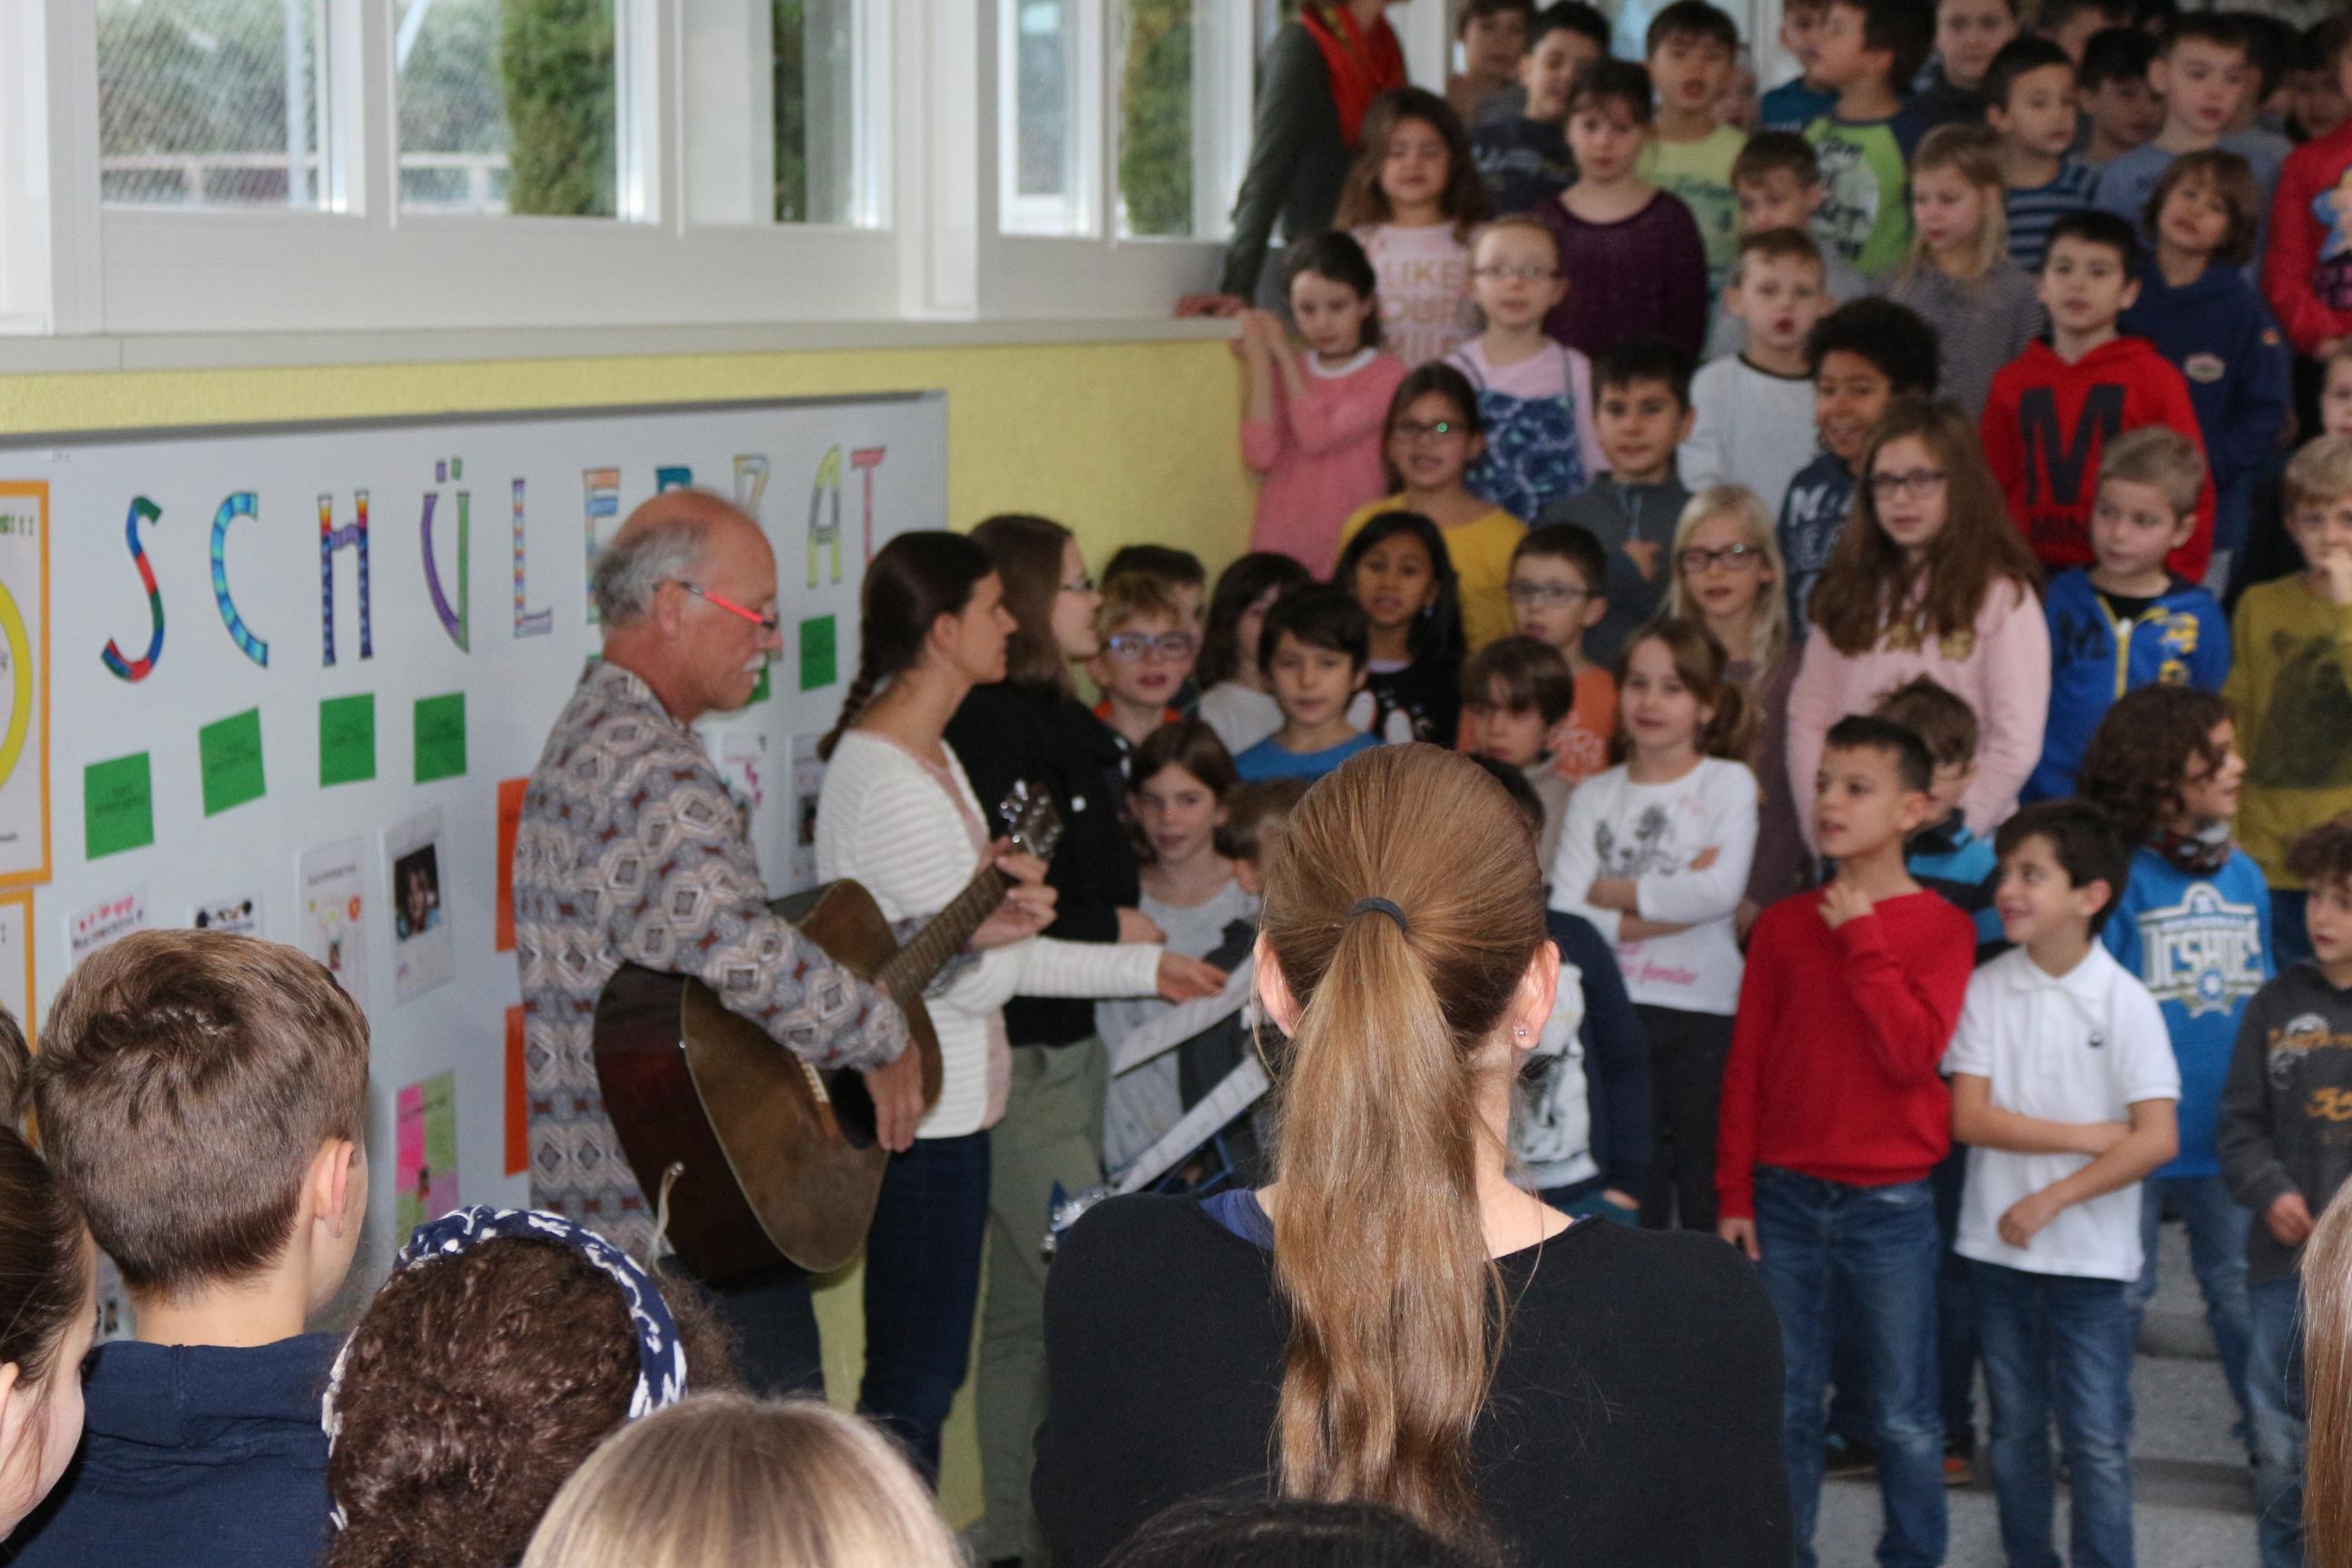 http://primarschule-steinmaur.ch/wp-content/uploads/2017/12/IMG_8067-Copy.jpg